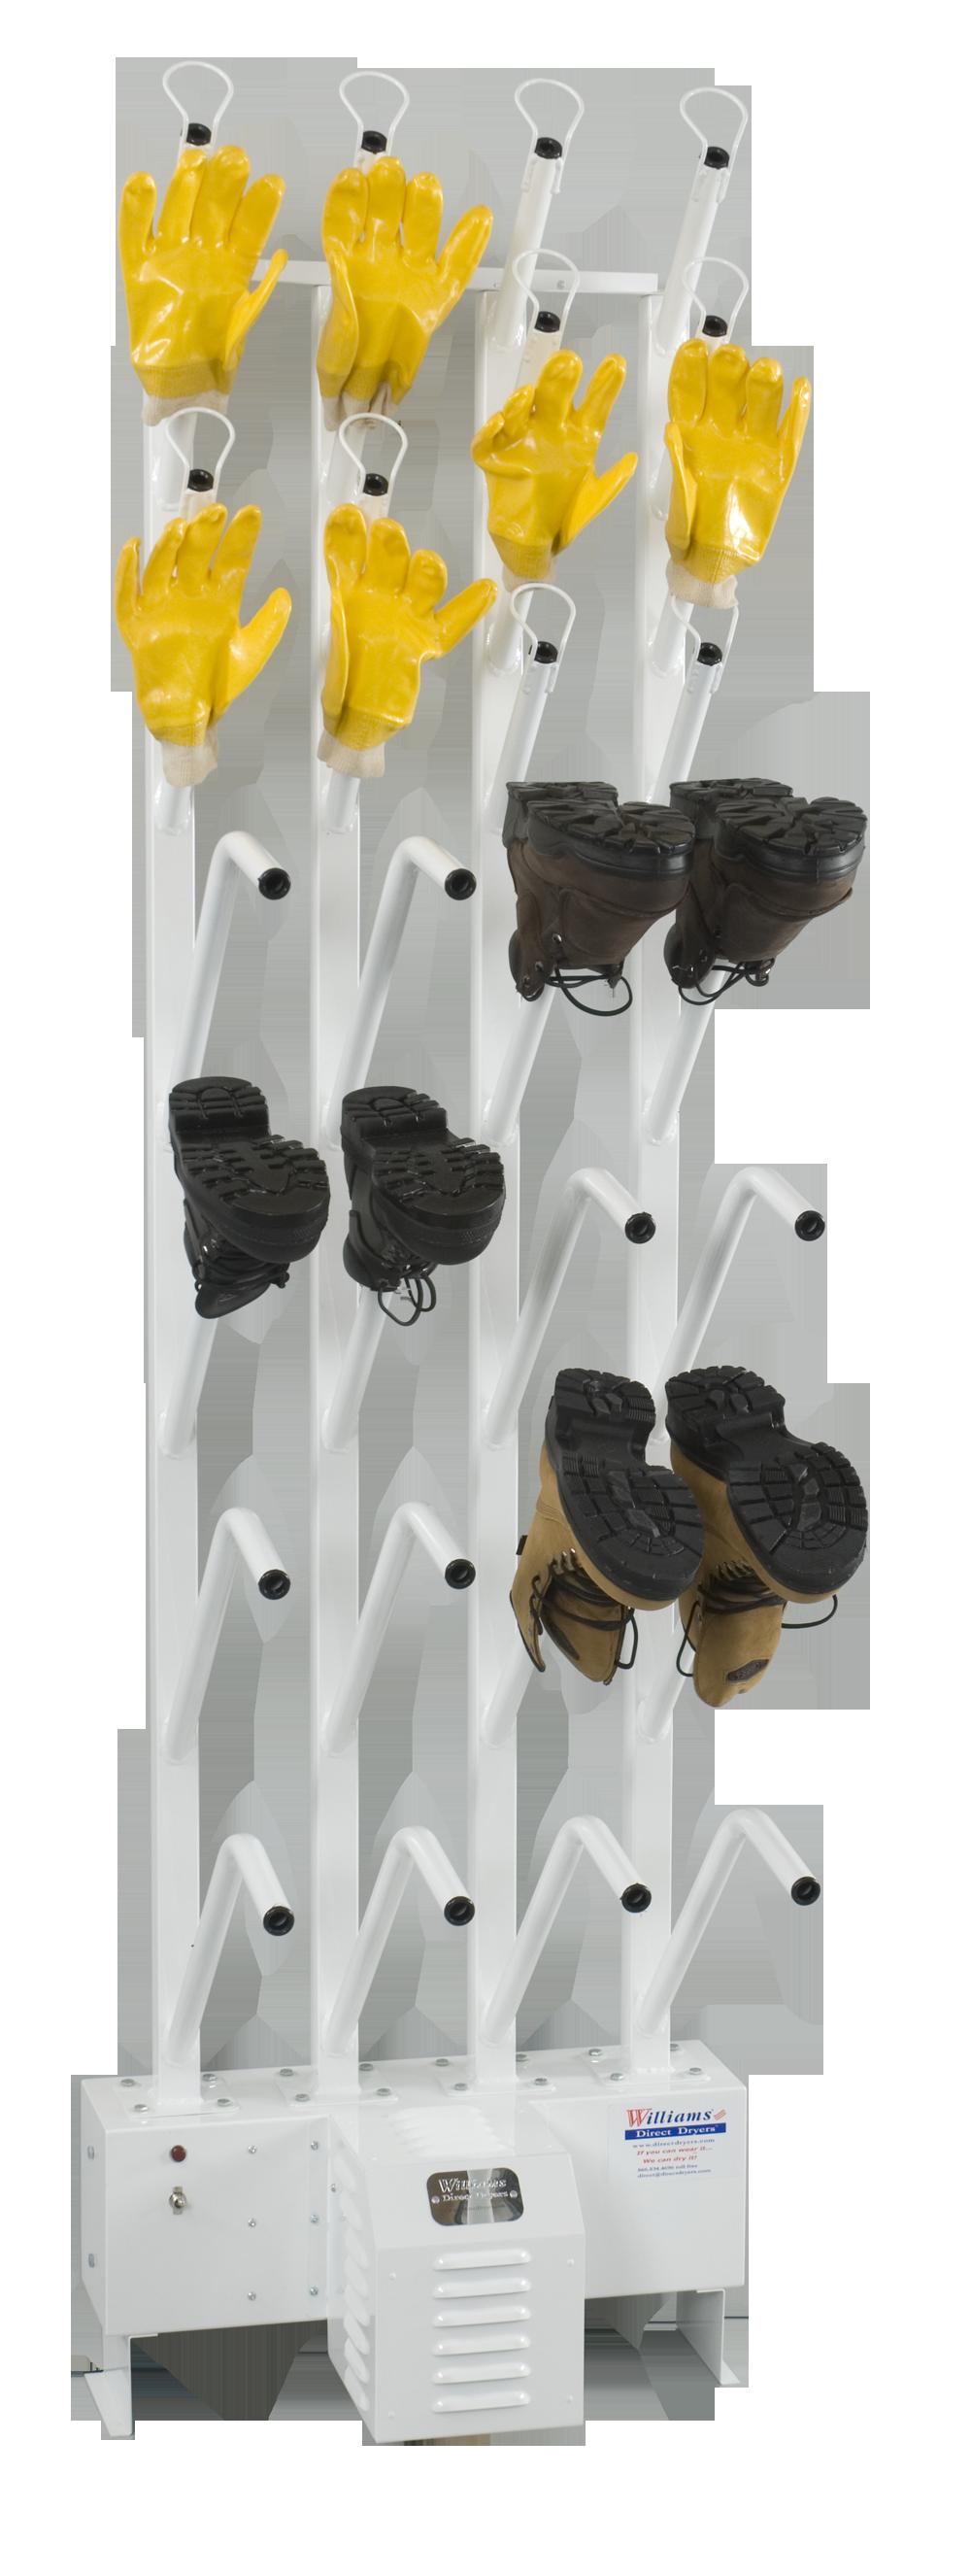 Séchoir commercial pour bottes et gants  Séchoir commercial pour bottes  Séchoir commercial pour gants